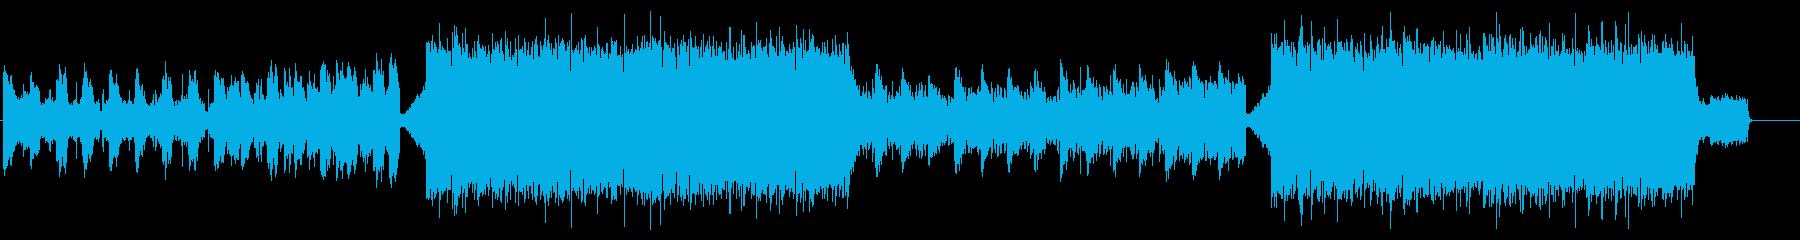 企業VPやCM Future Bassの再生済みの波形